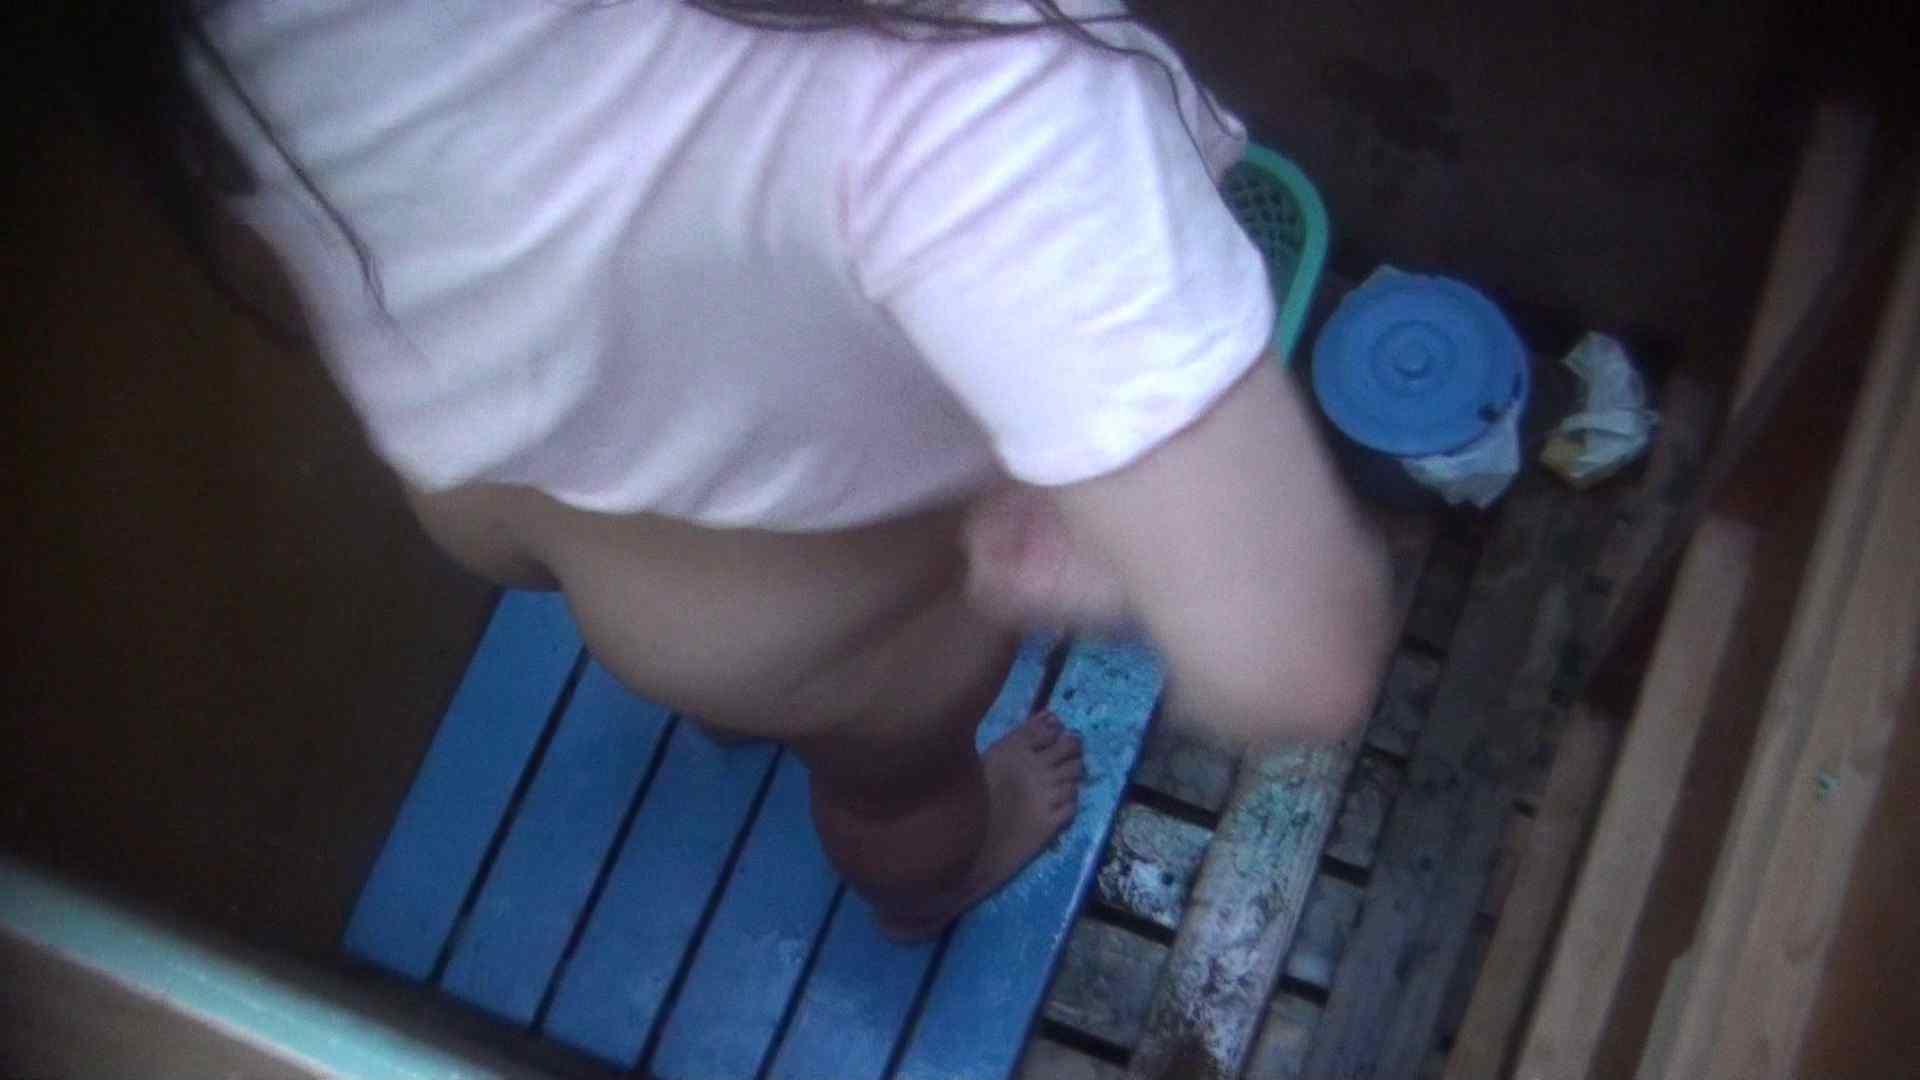 シャワールームは超!!危険な香りVol.13 ムッチムチのいやらしい身体つき シャワー  111pic 90